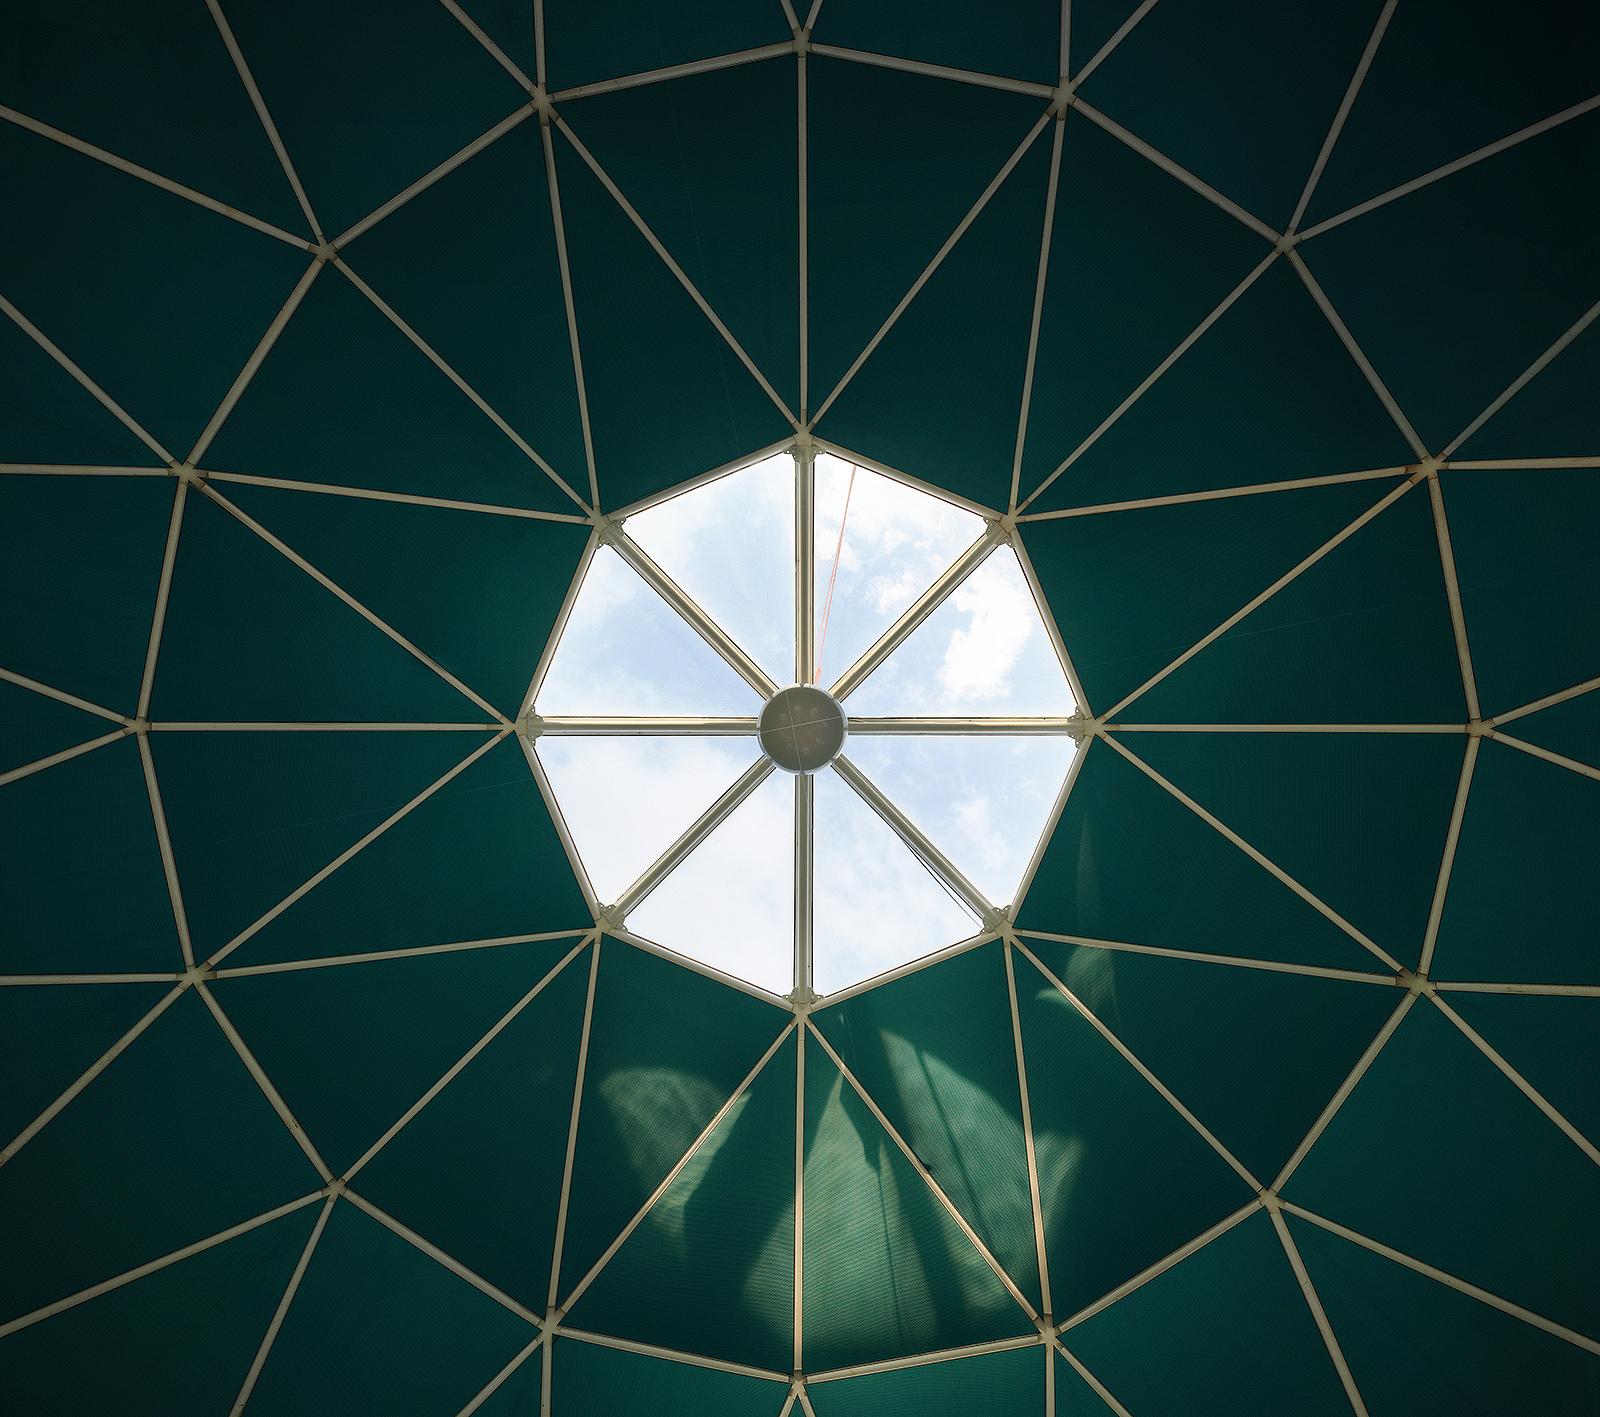 09_12ca2f2896fb1e55-ceiling_11x14_1600px.jpg